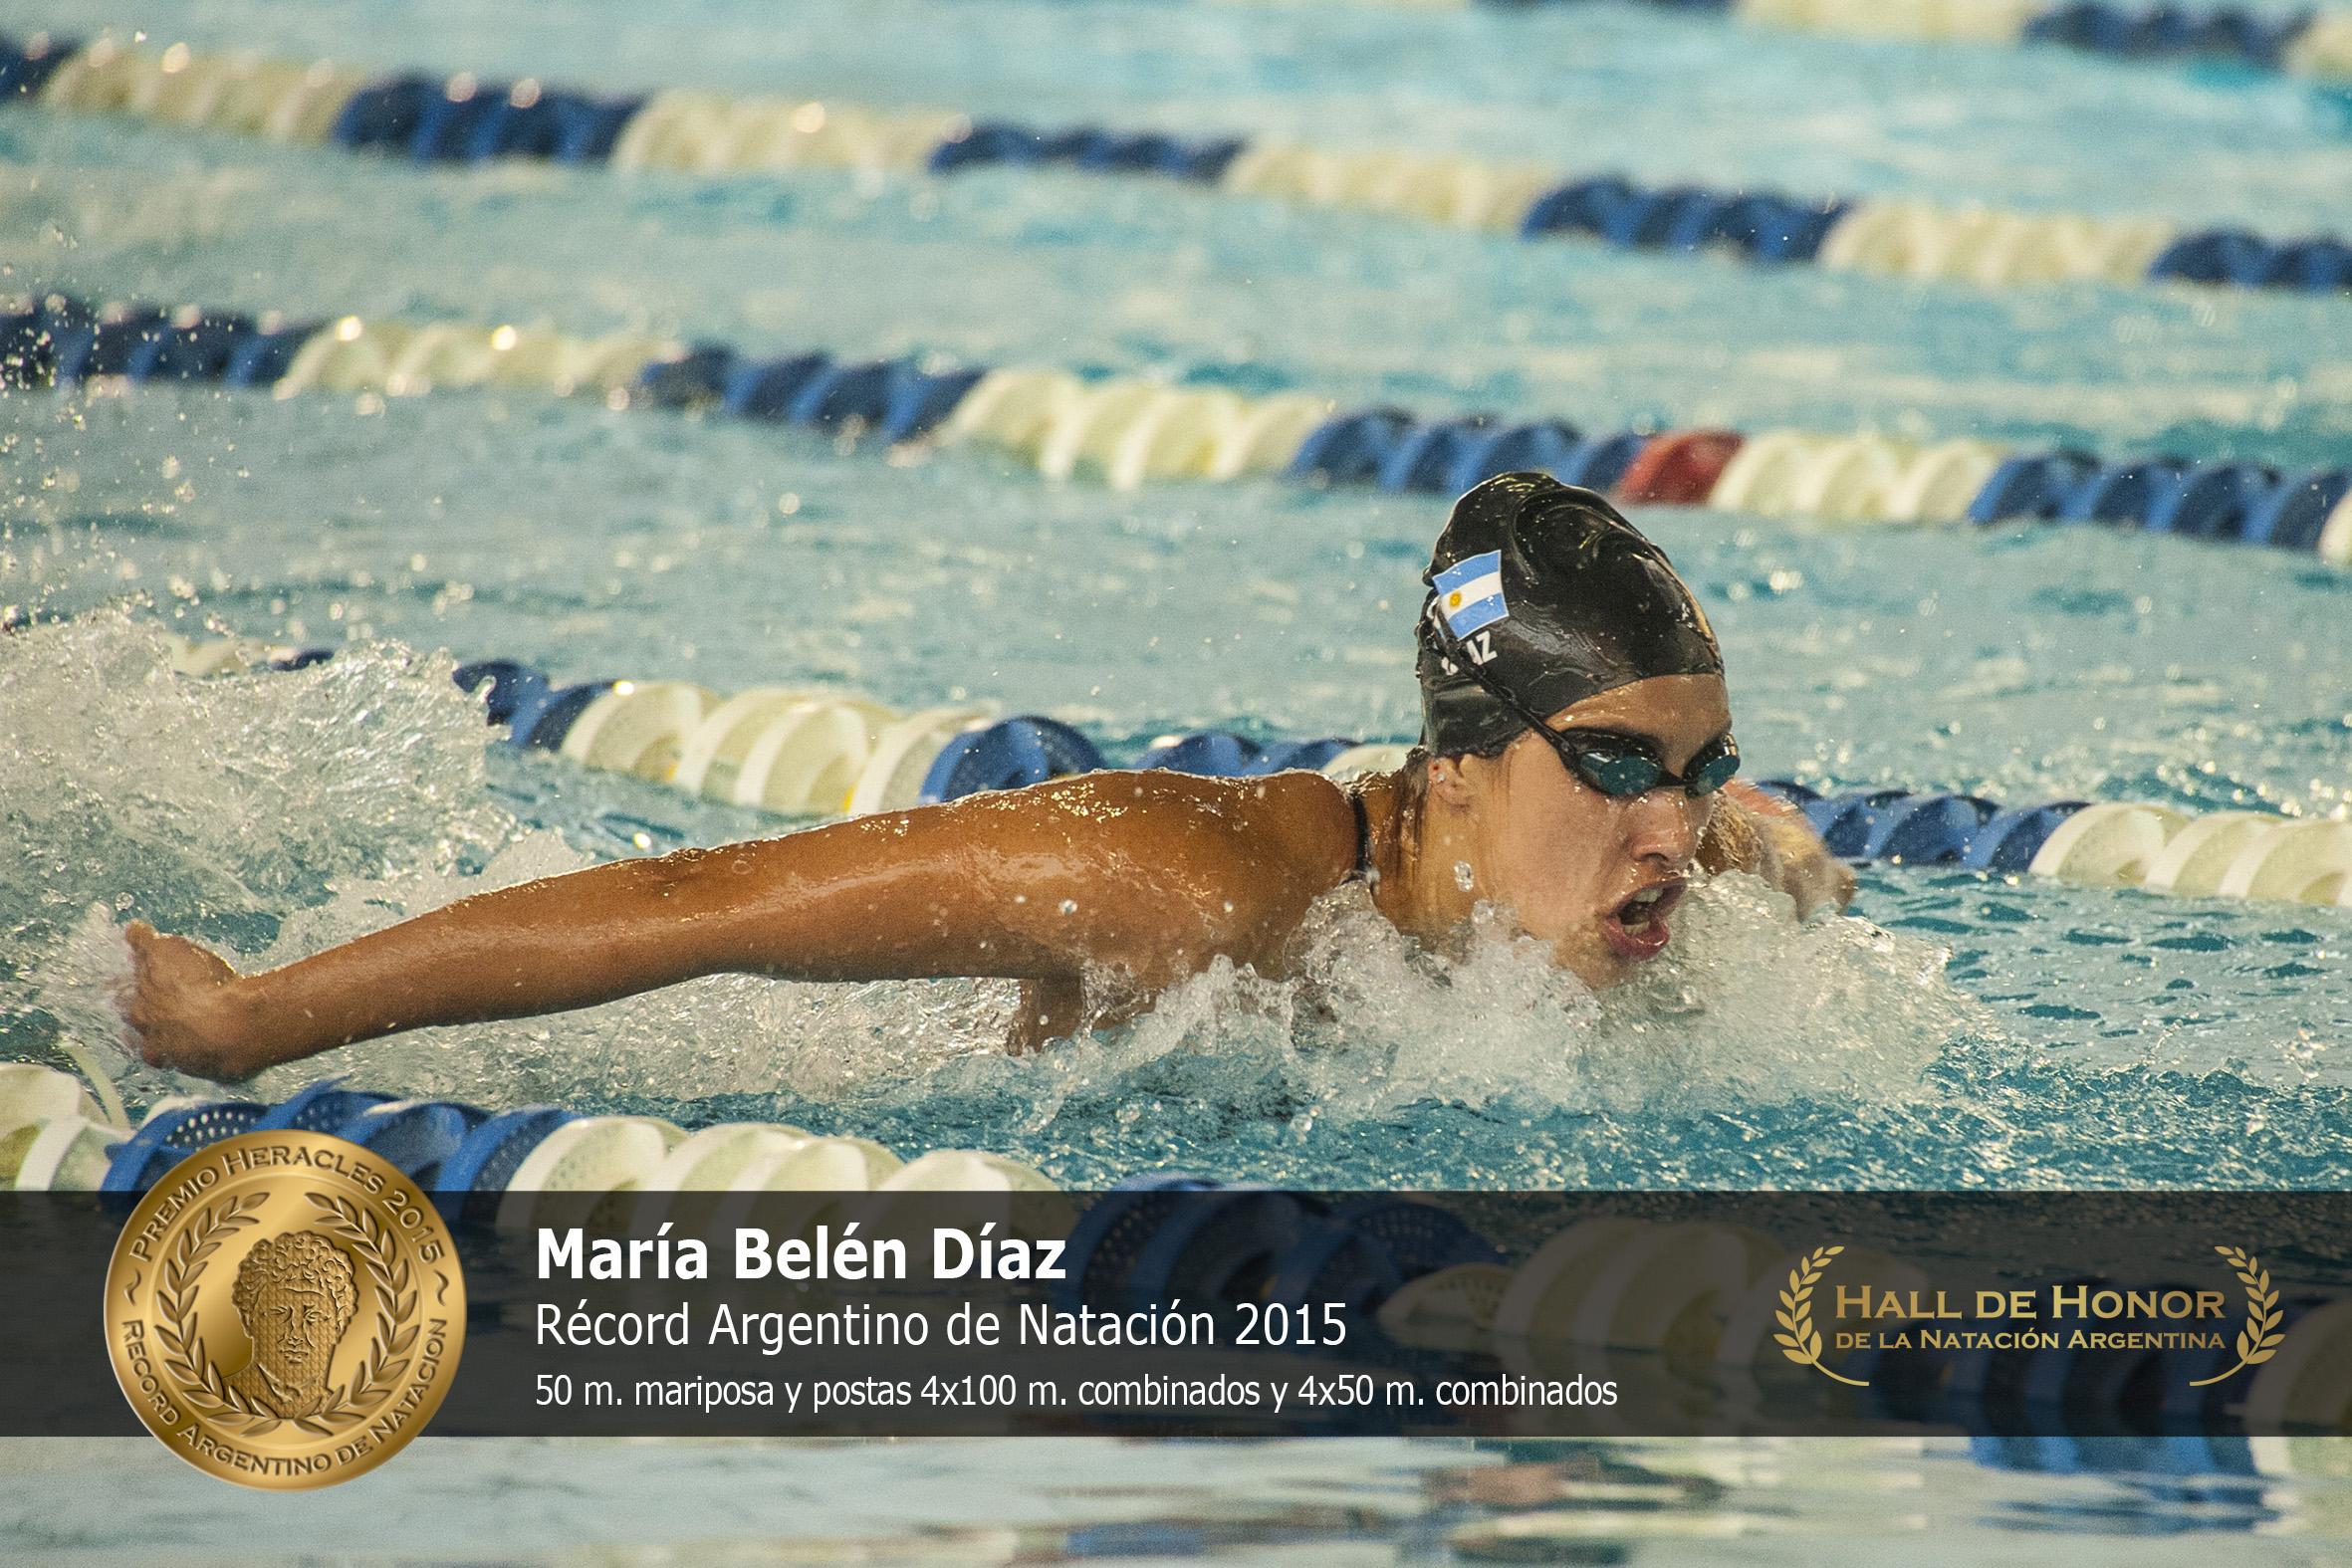 María Belén Diaz